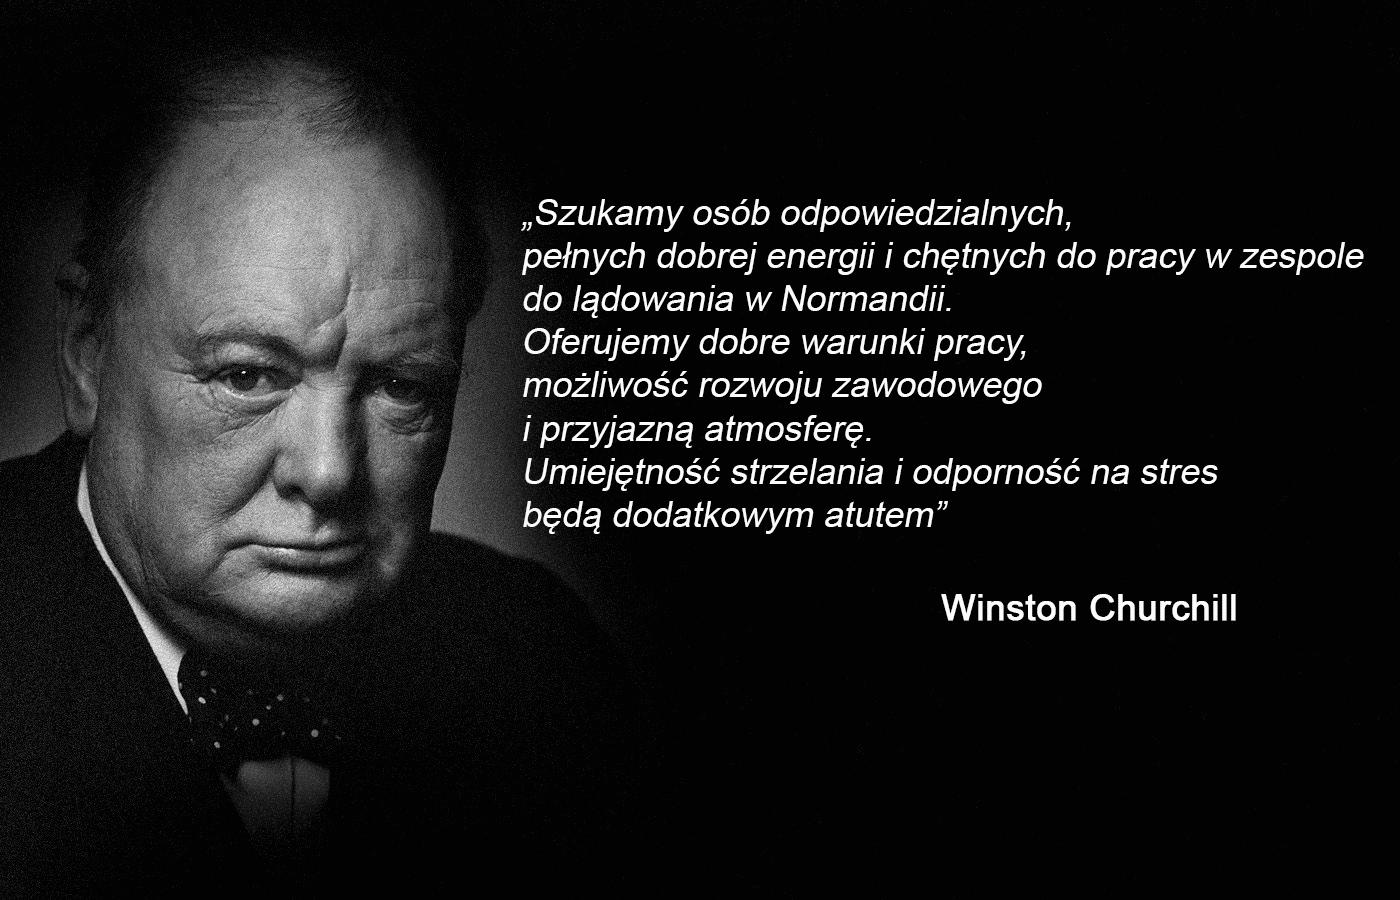 Winston Churchill o lądowaniu w Normandii, że zapewni pracę w przyjaznej atmosferze